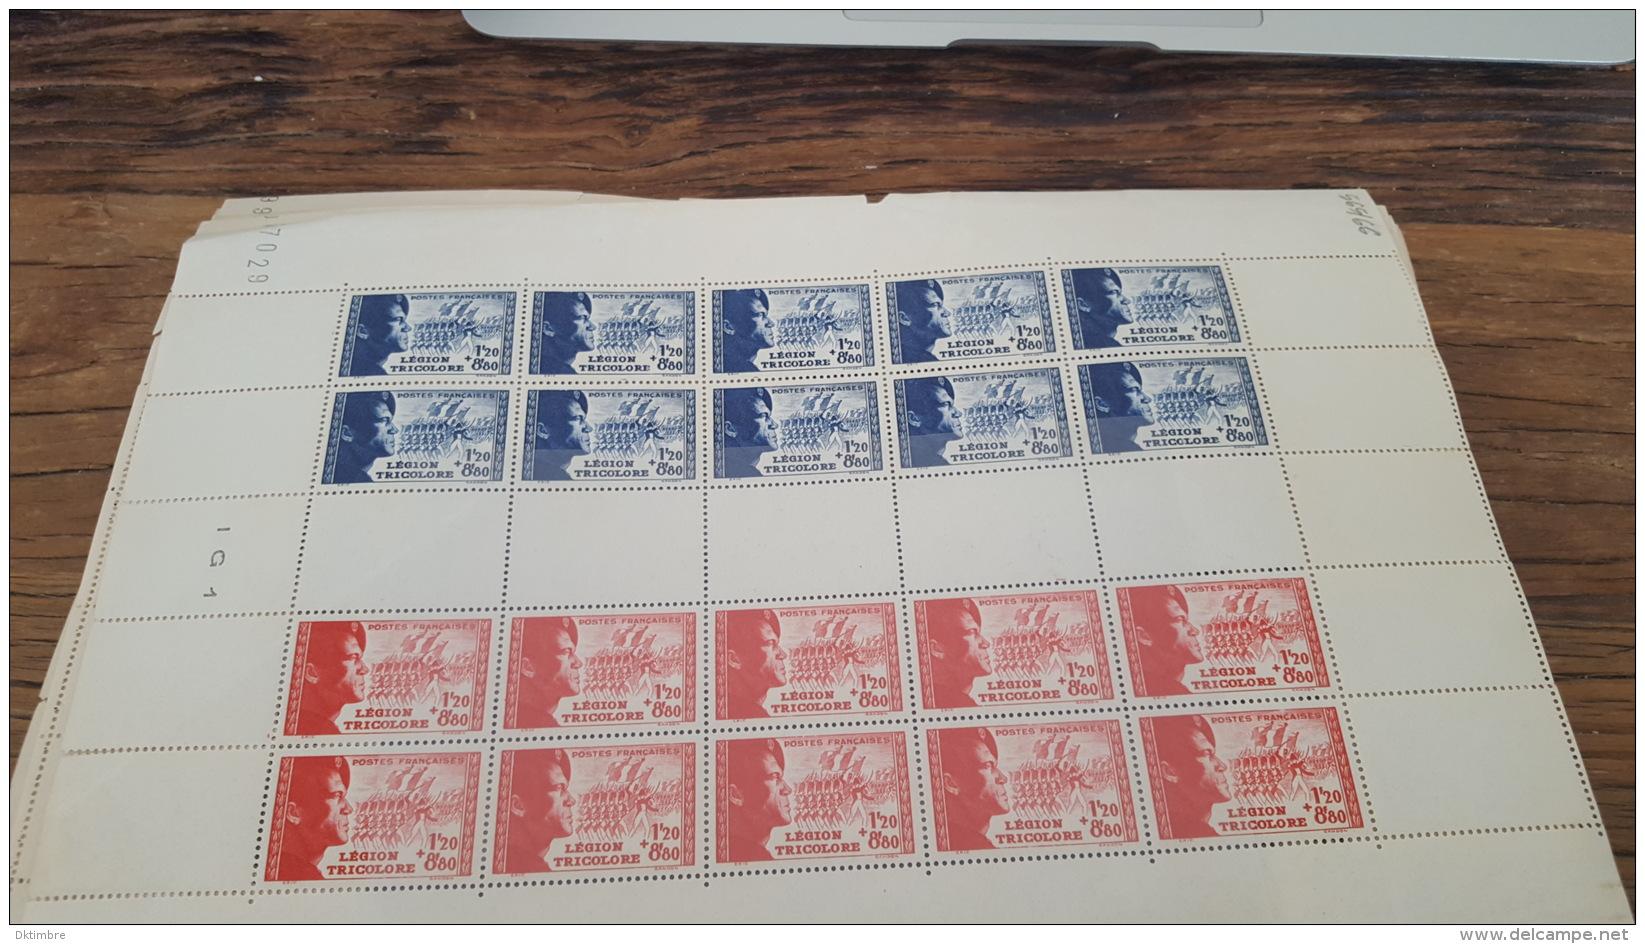 LOT 417018 TIMBRE DE FRANCE NEUF** FEUILLE COMPLETE N°565/566 VALEUR 275 EUROS BLOC - Feuilles Complètes